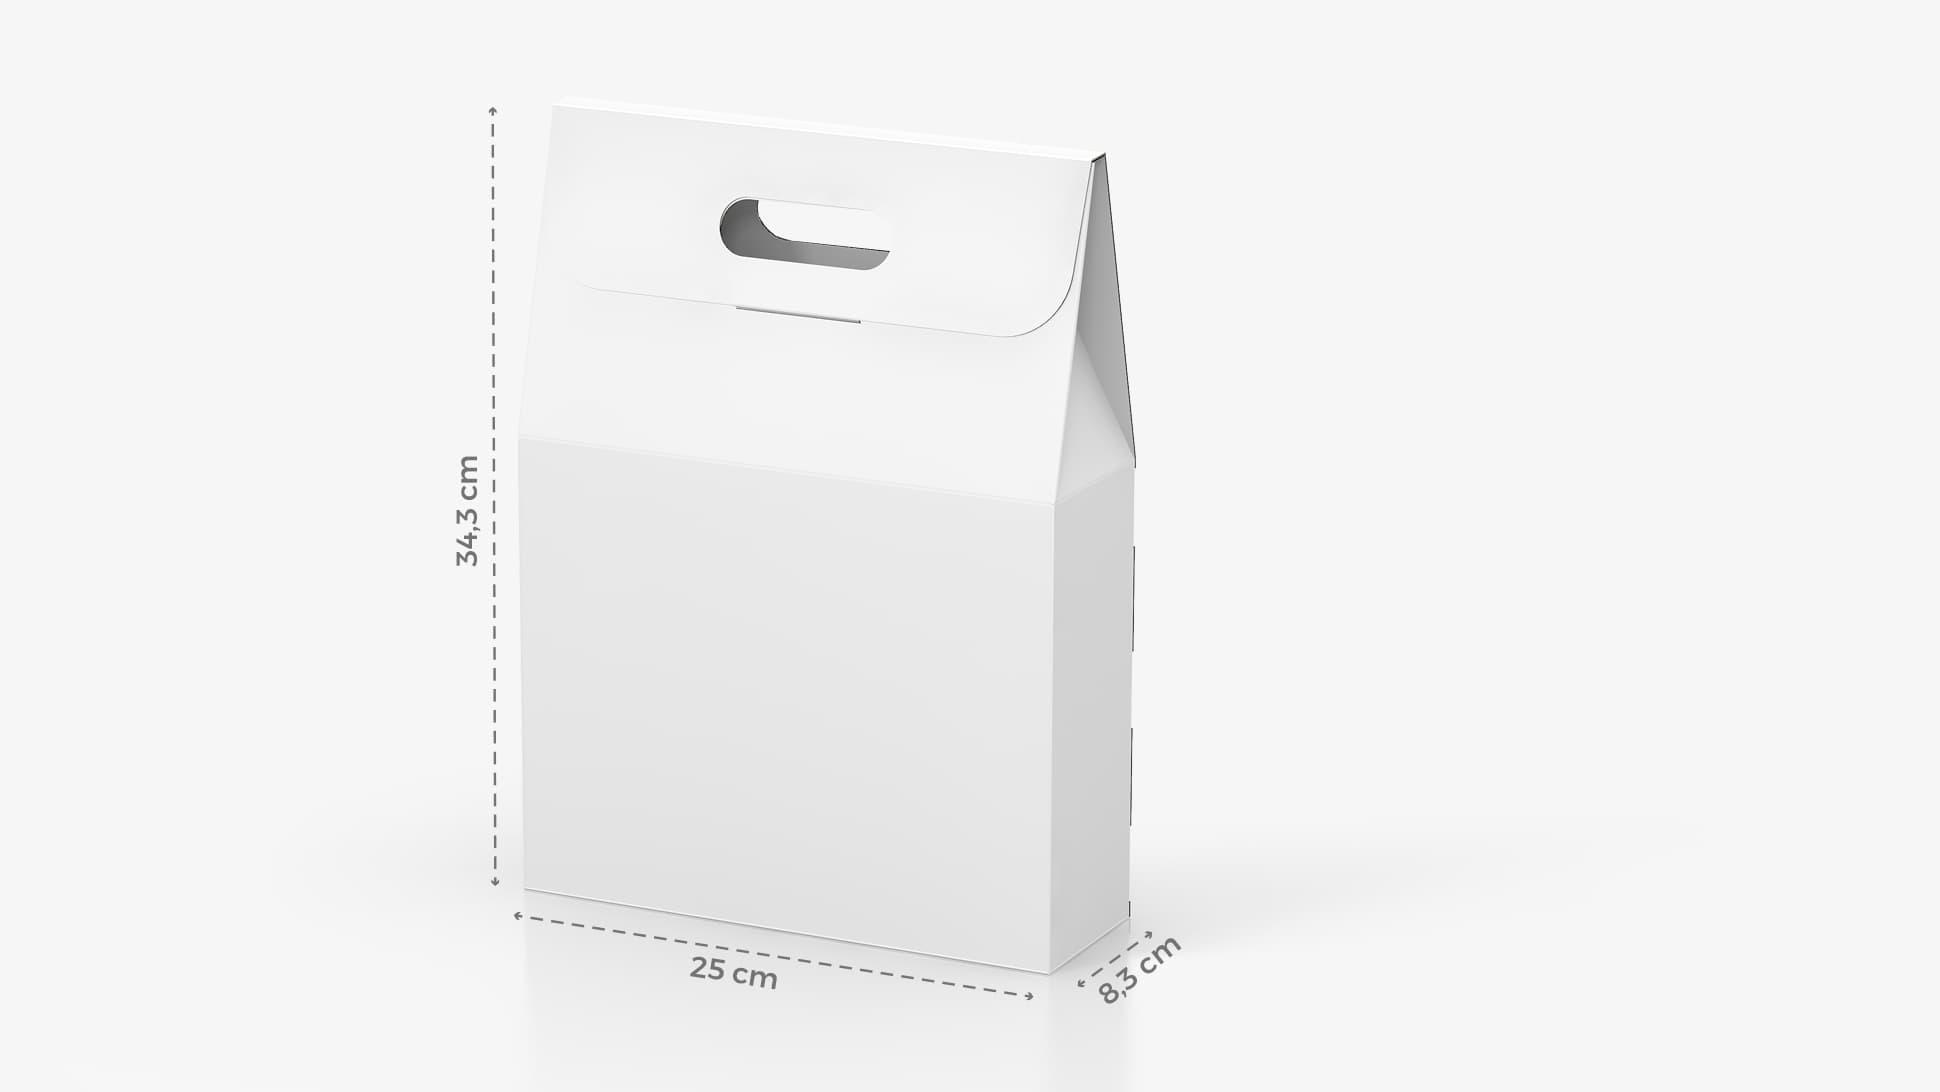 Scatola per bottiglia di vino 25x34,3 cm personalizzabile | tictac.it